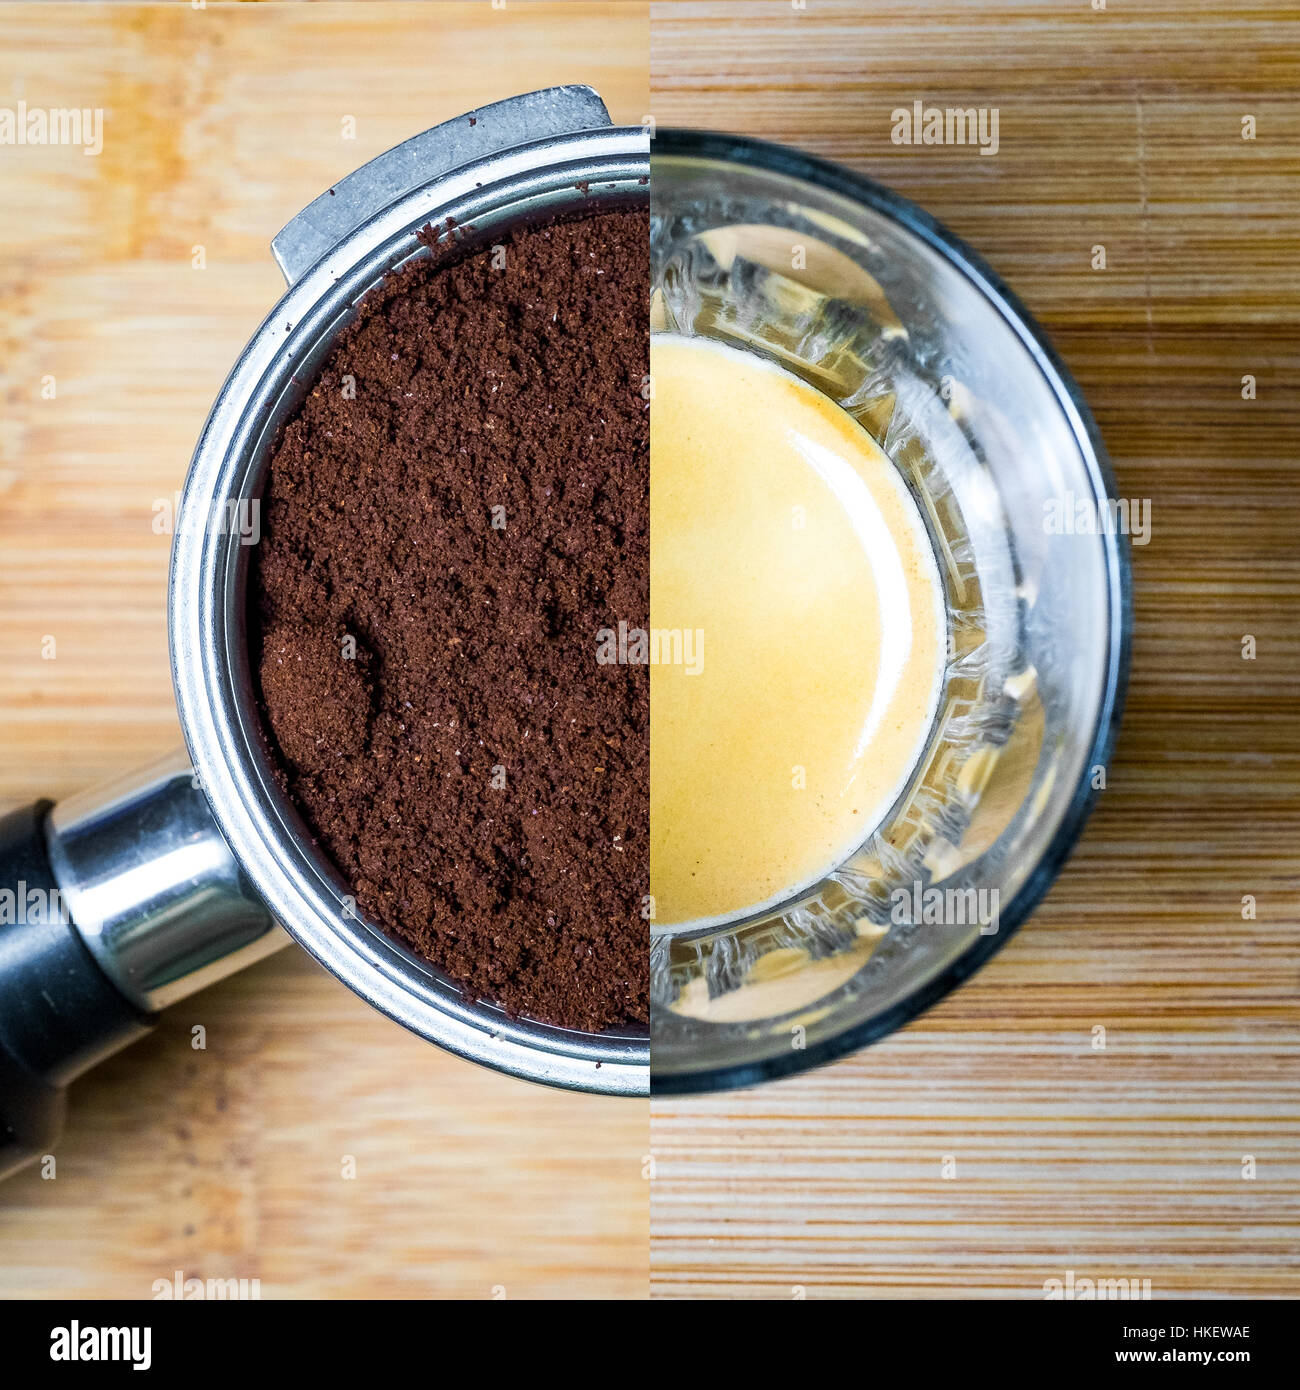 Split Bild Der Gruppenleiter Mit Kaffee Und Espresso Im Glas Auf